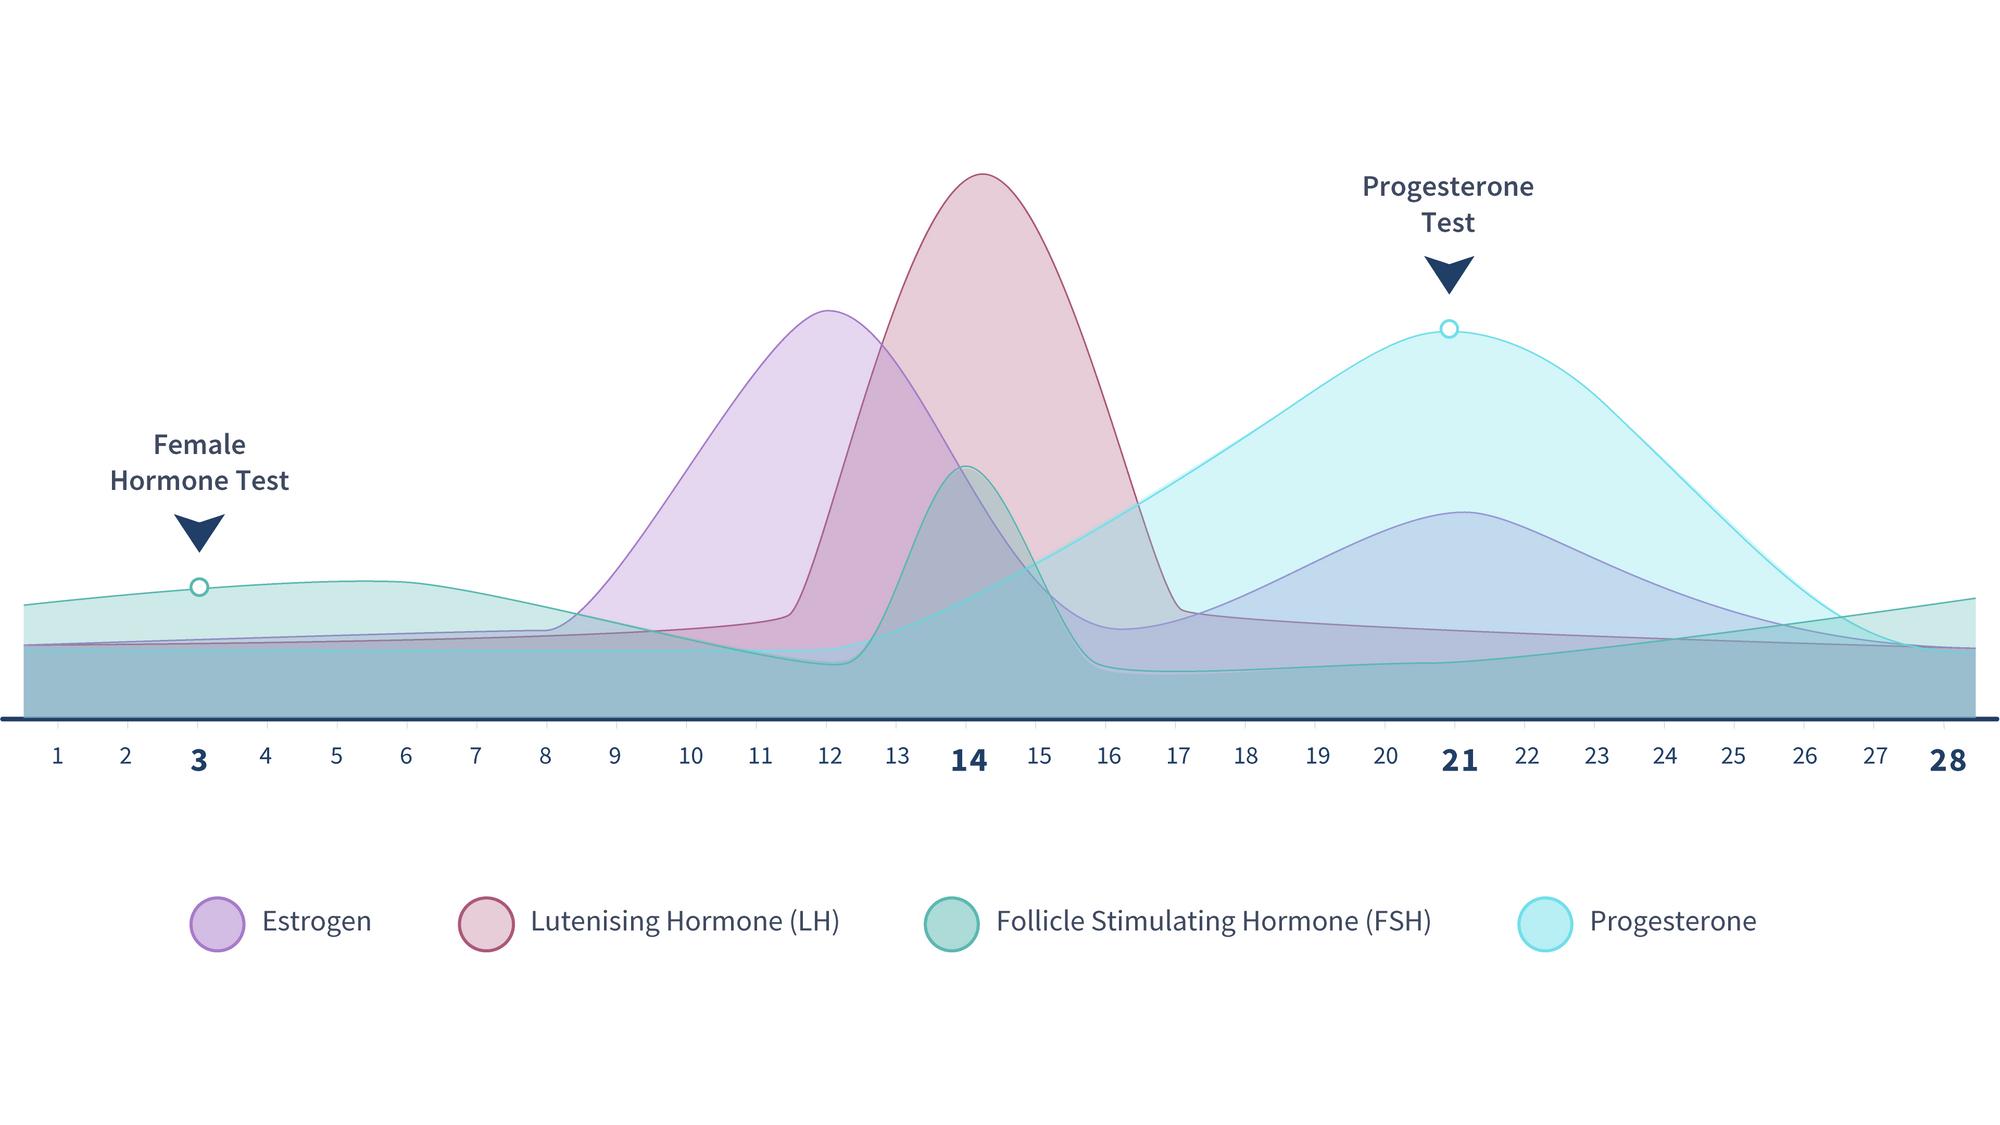 estrogen-when-should-you-take-a-fertility-test-graph-3